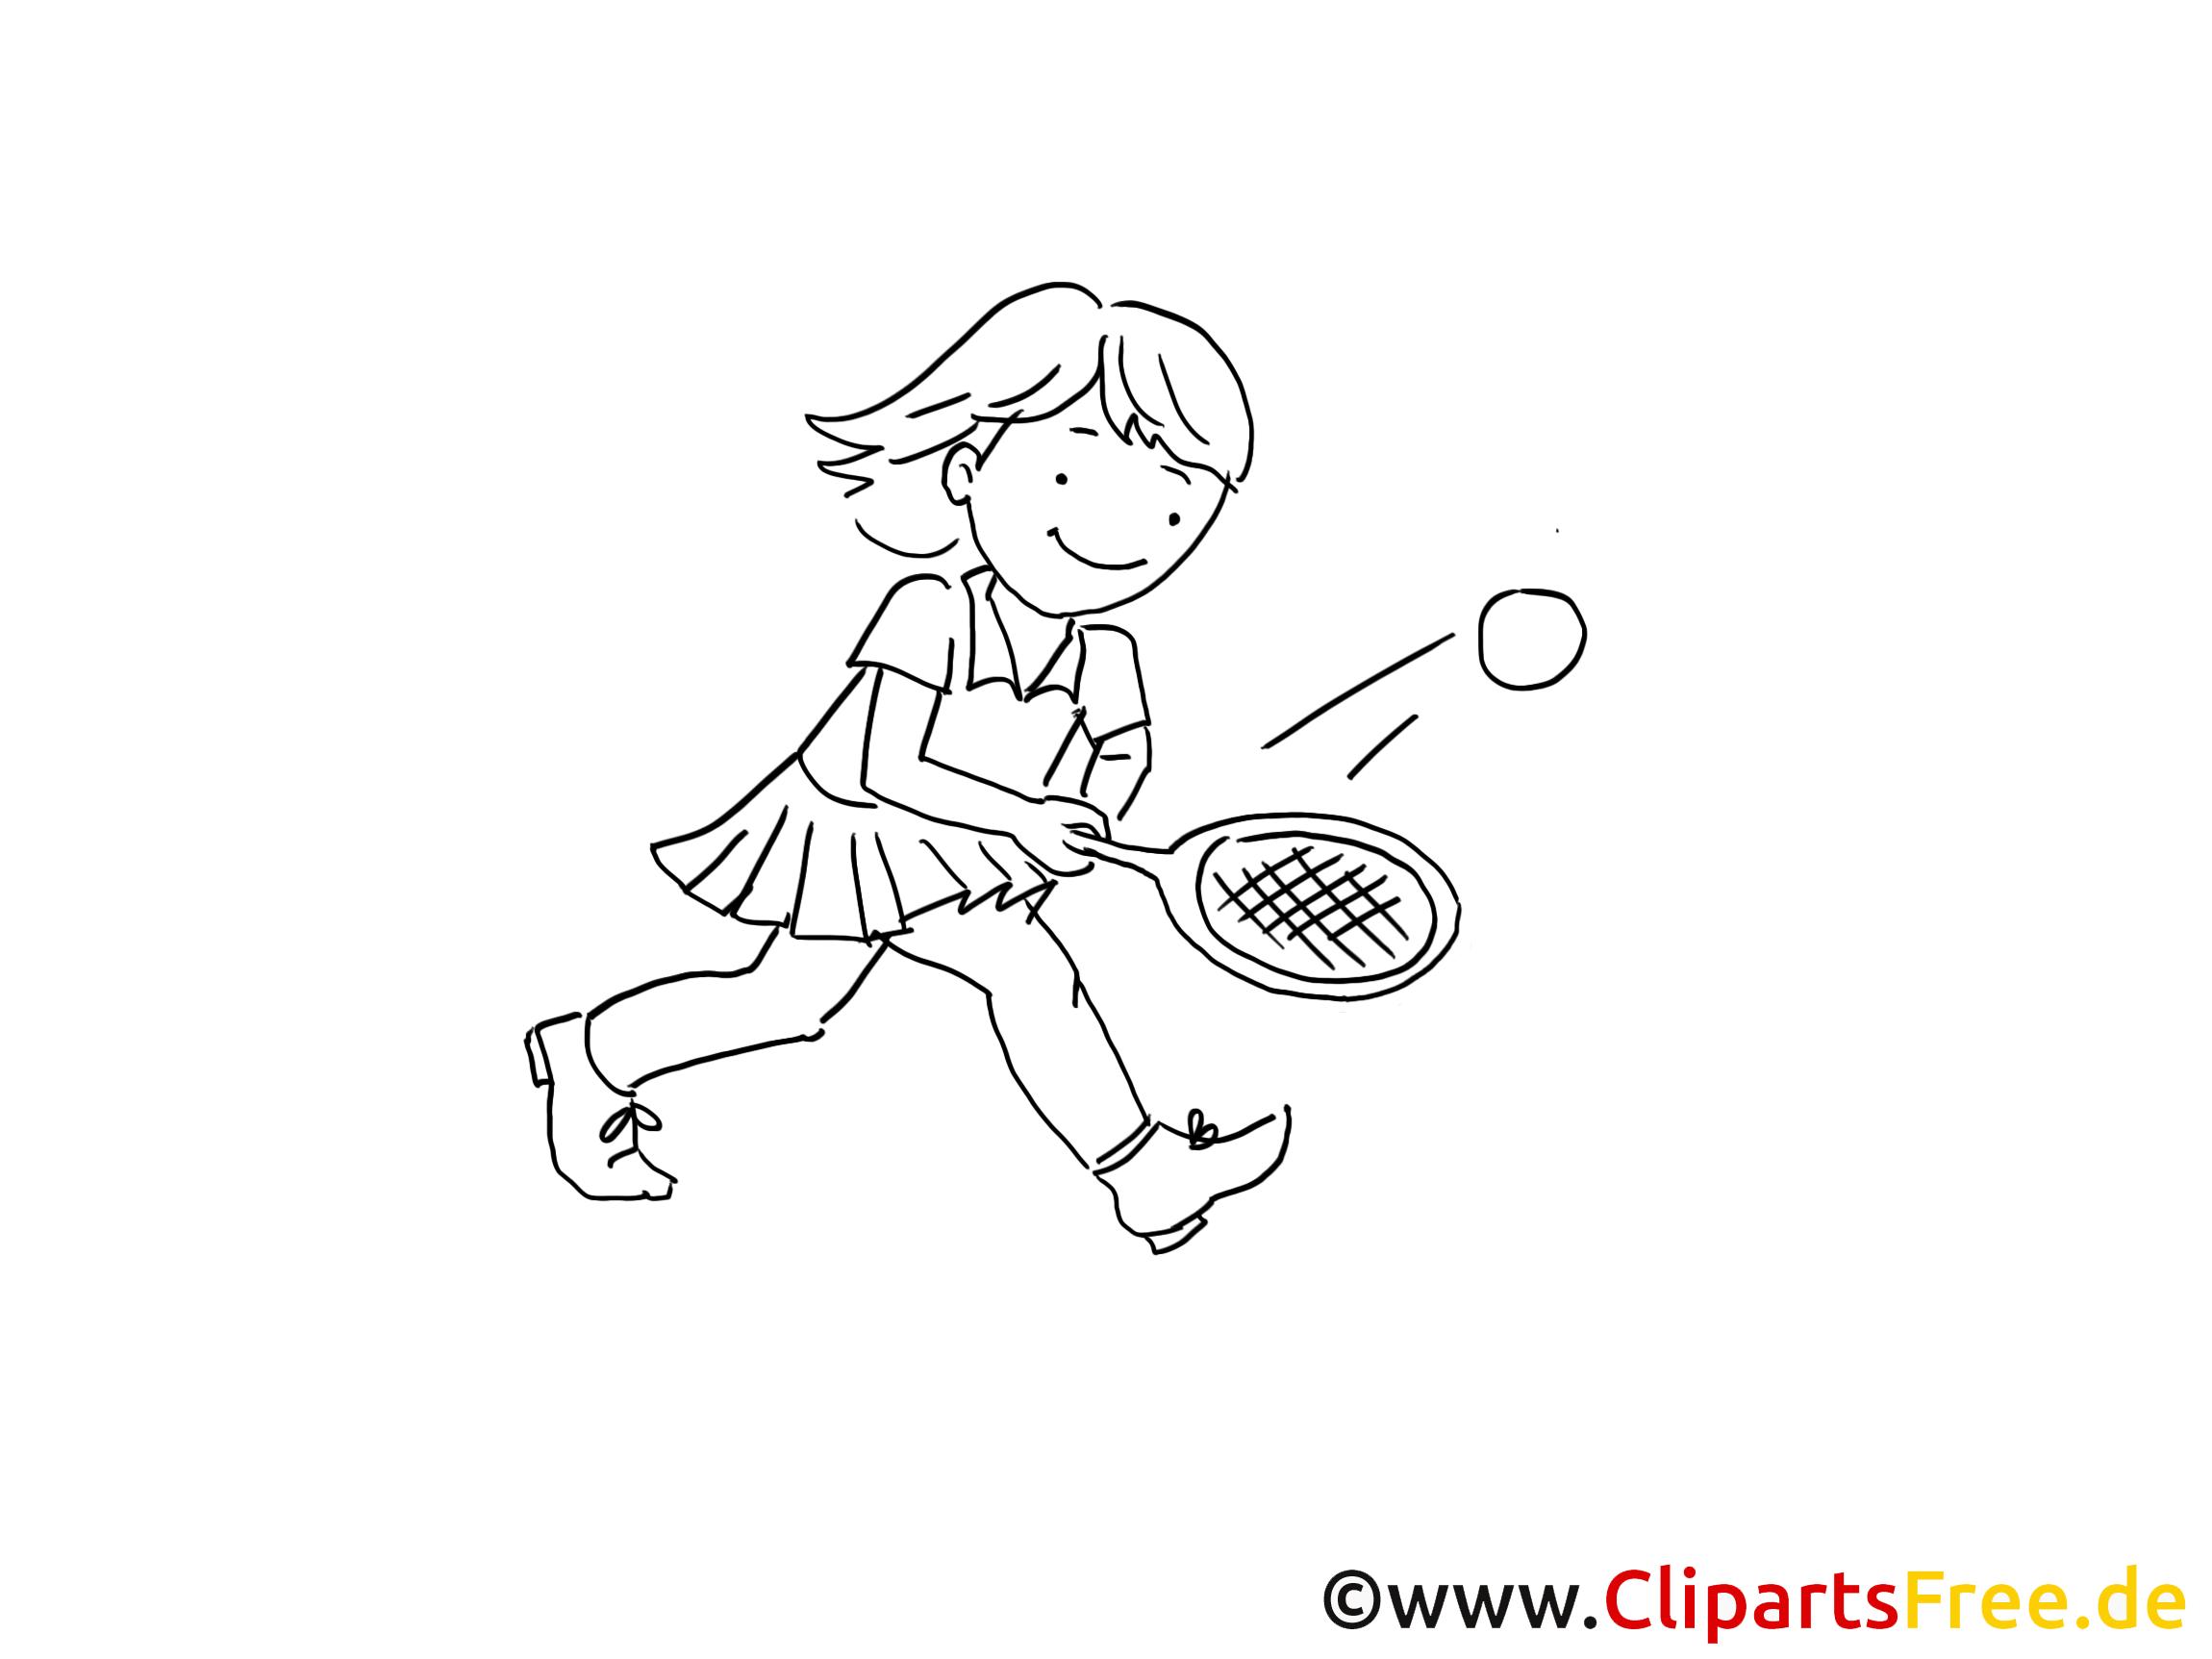 Comic Figuren Schwarz Weiß : tennis f r kinder zeichnung schwarz weiss bild clipart ~ Watch28wear.com Haus und Dekorationen